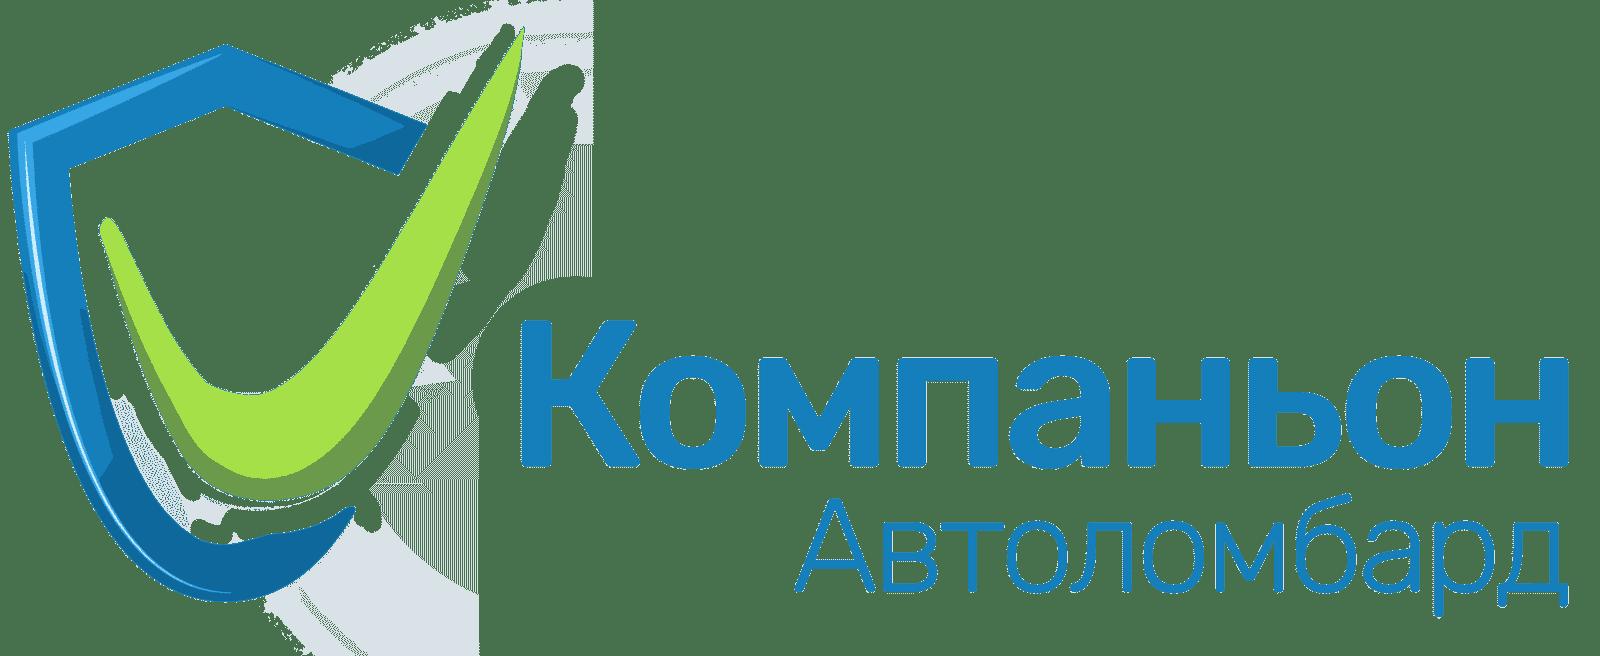 Автоломбард купить авто распродажа в москве каталог товаров отзывы о работе автосалона центральный в москве